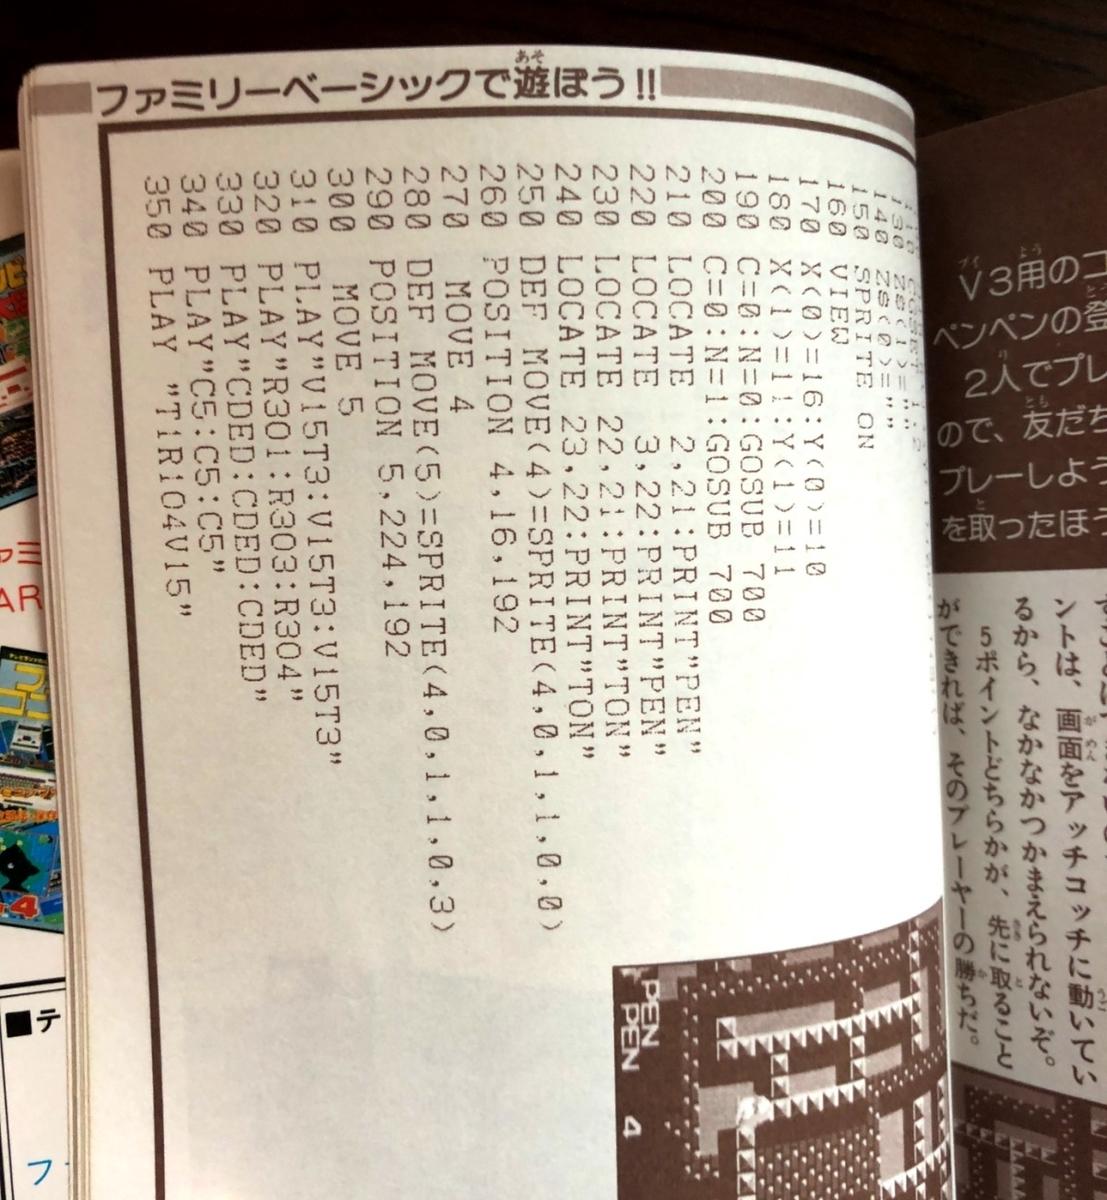 ファミリーベーシックのプログラムイメージ